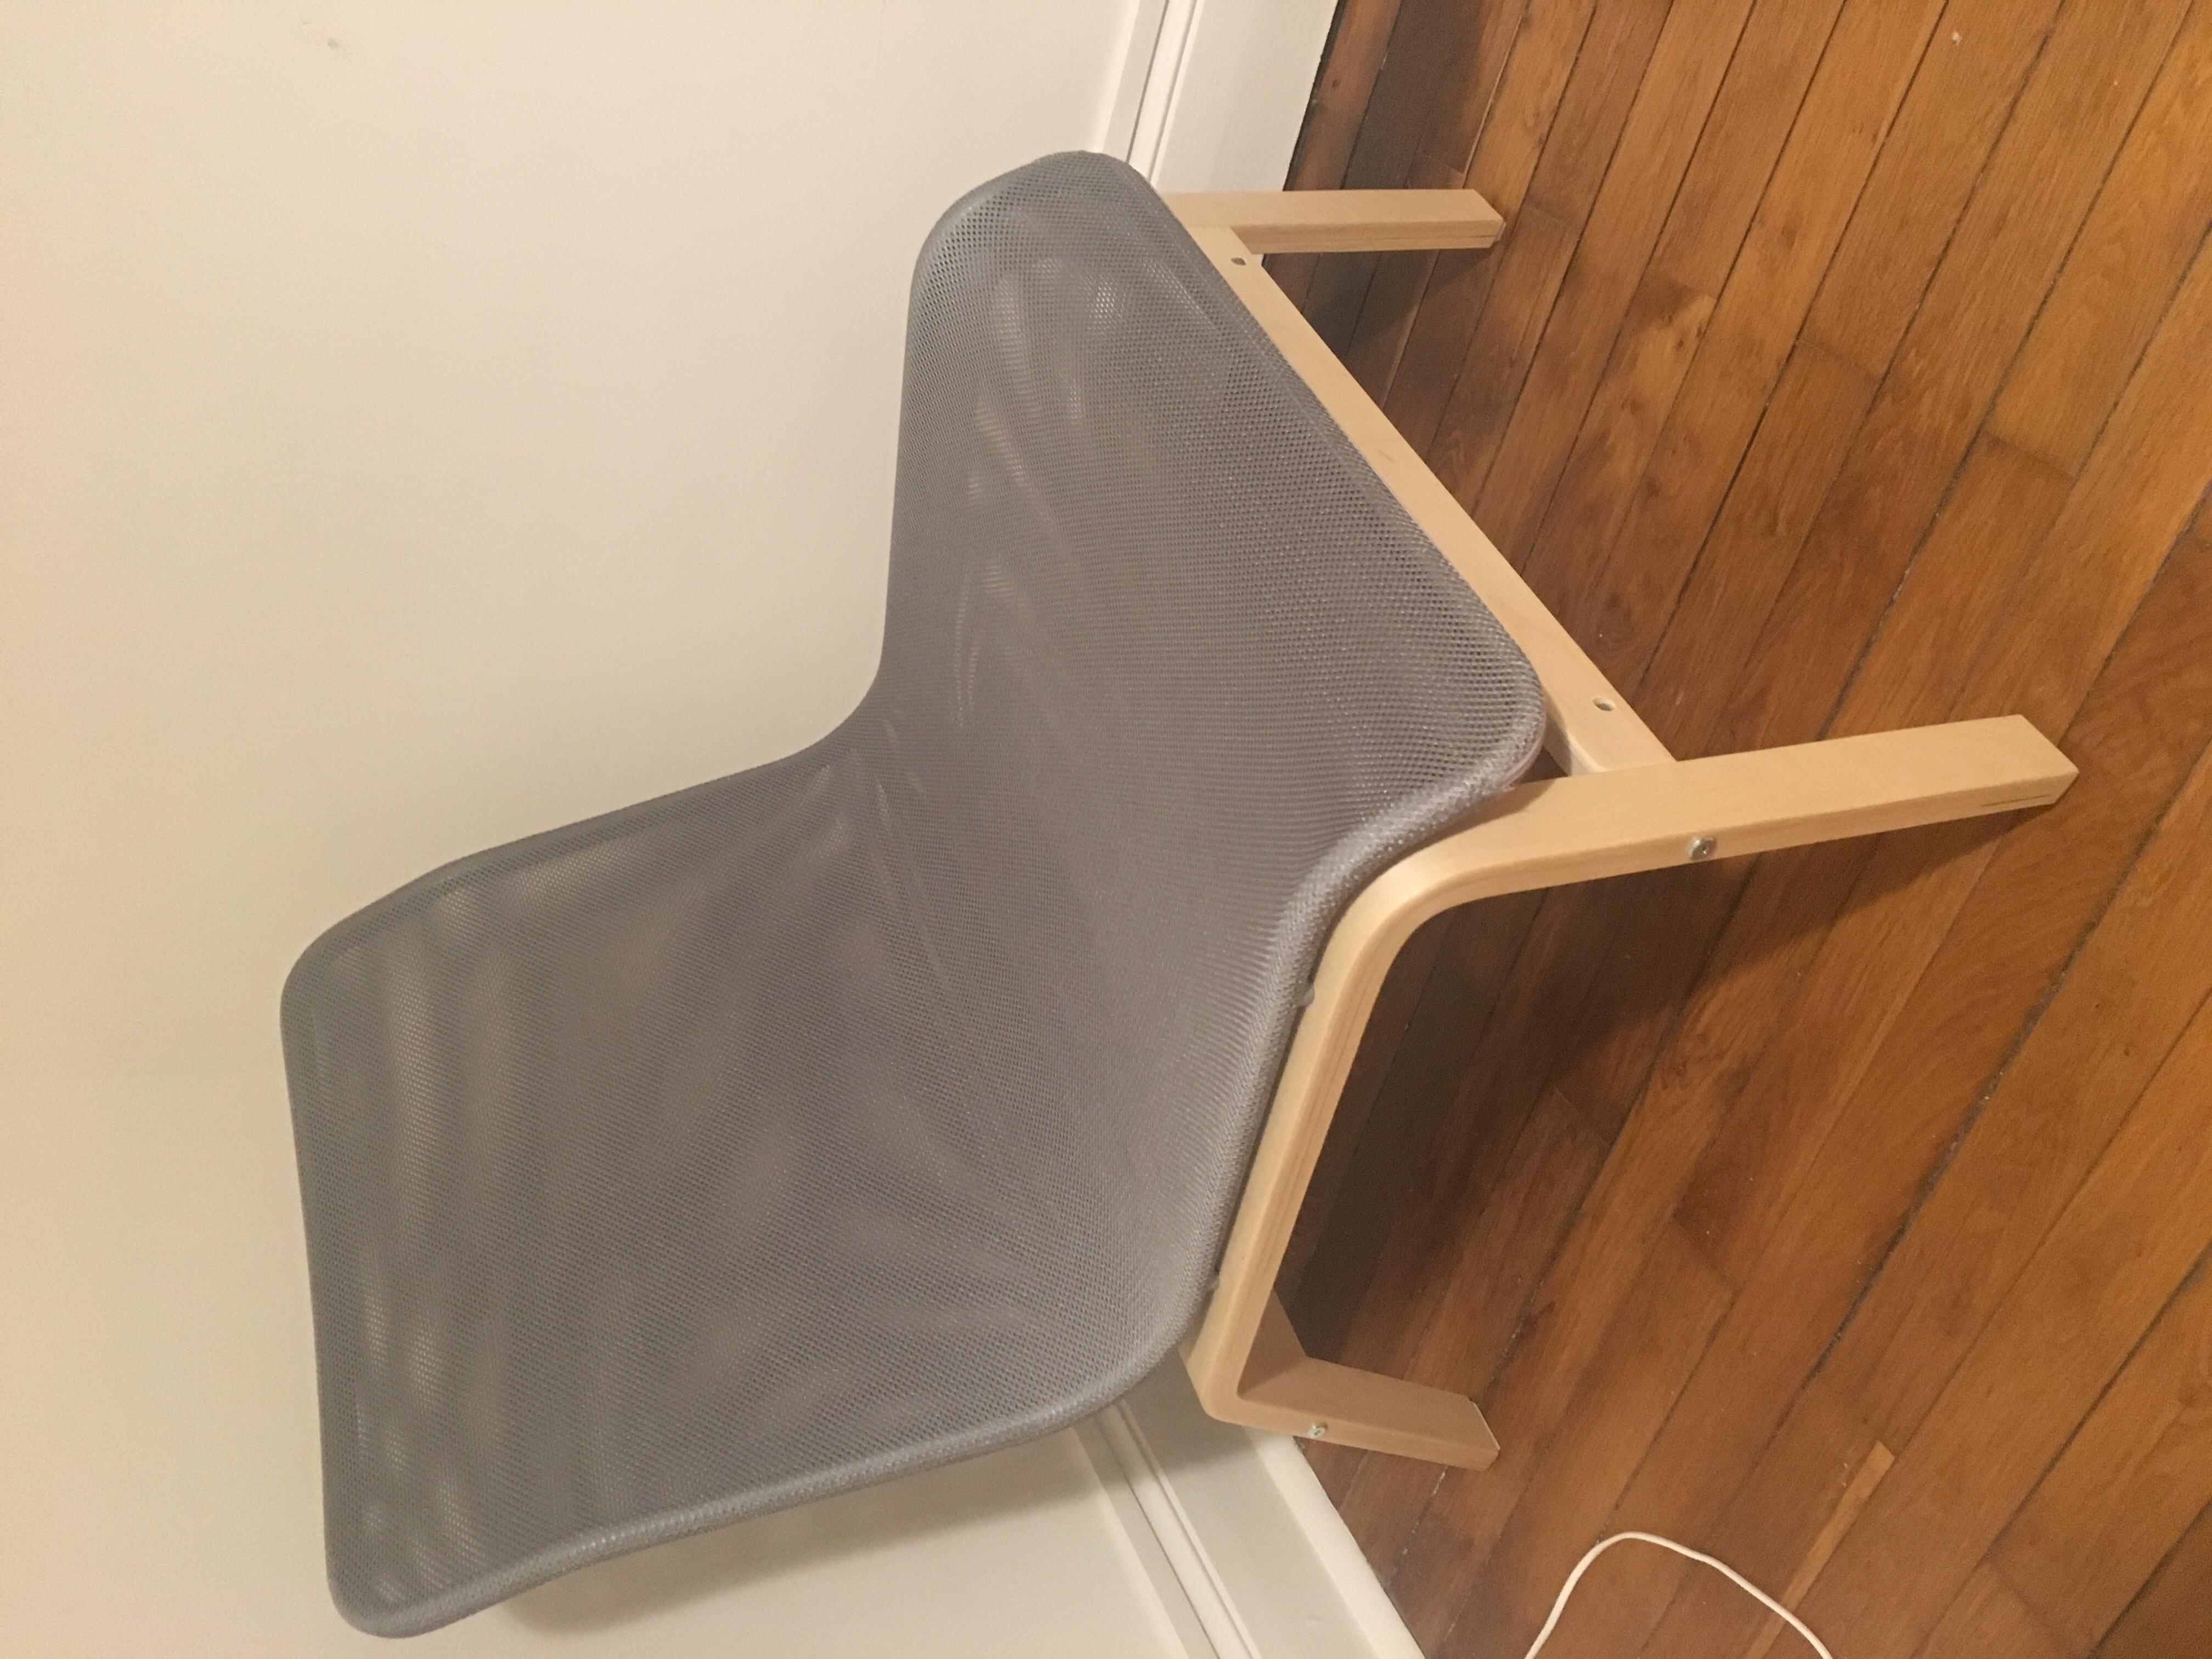 fauteuils occasion dans l 39 indre et loire 37 annonces achat et vente de fauteuils paruvendu. Black Bedroom Furniture Sets. Home Design Ideas